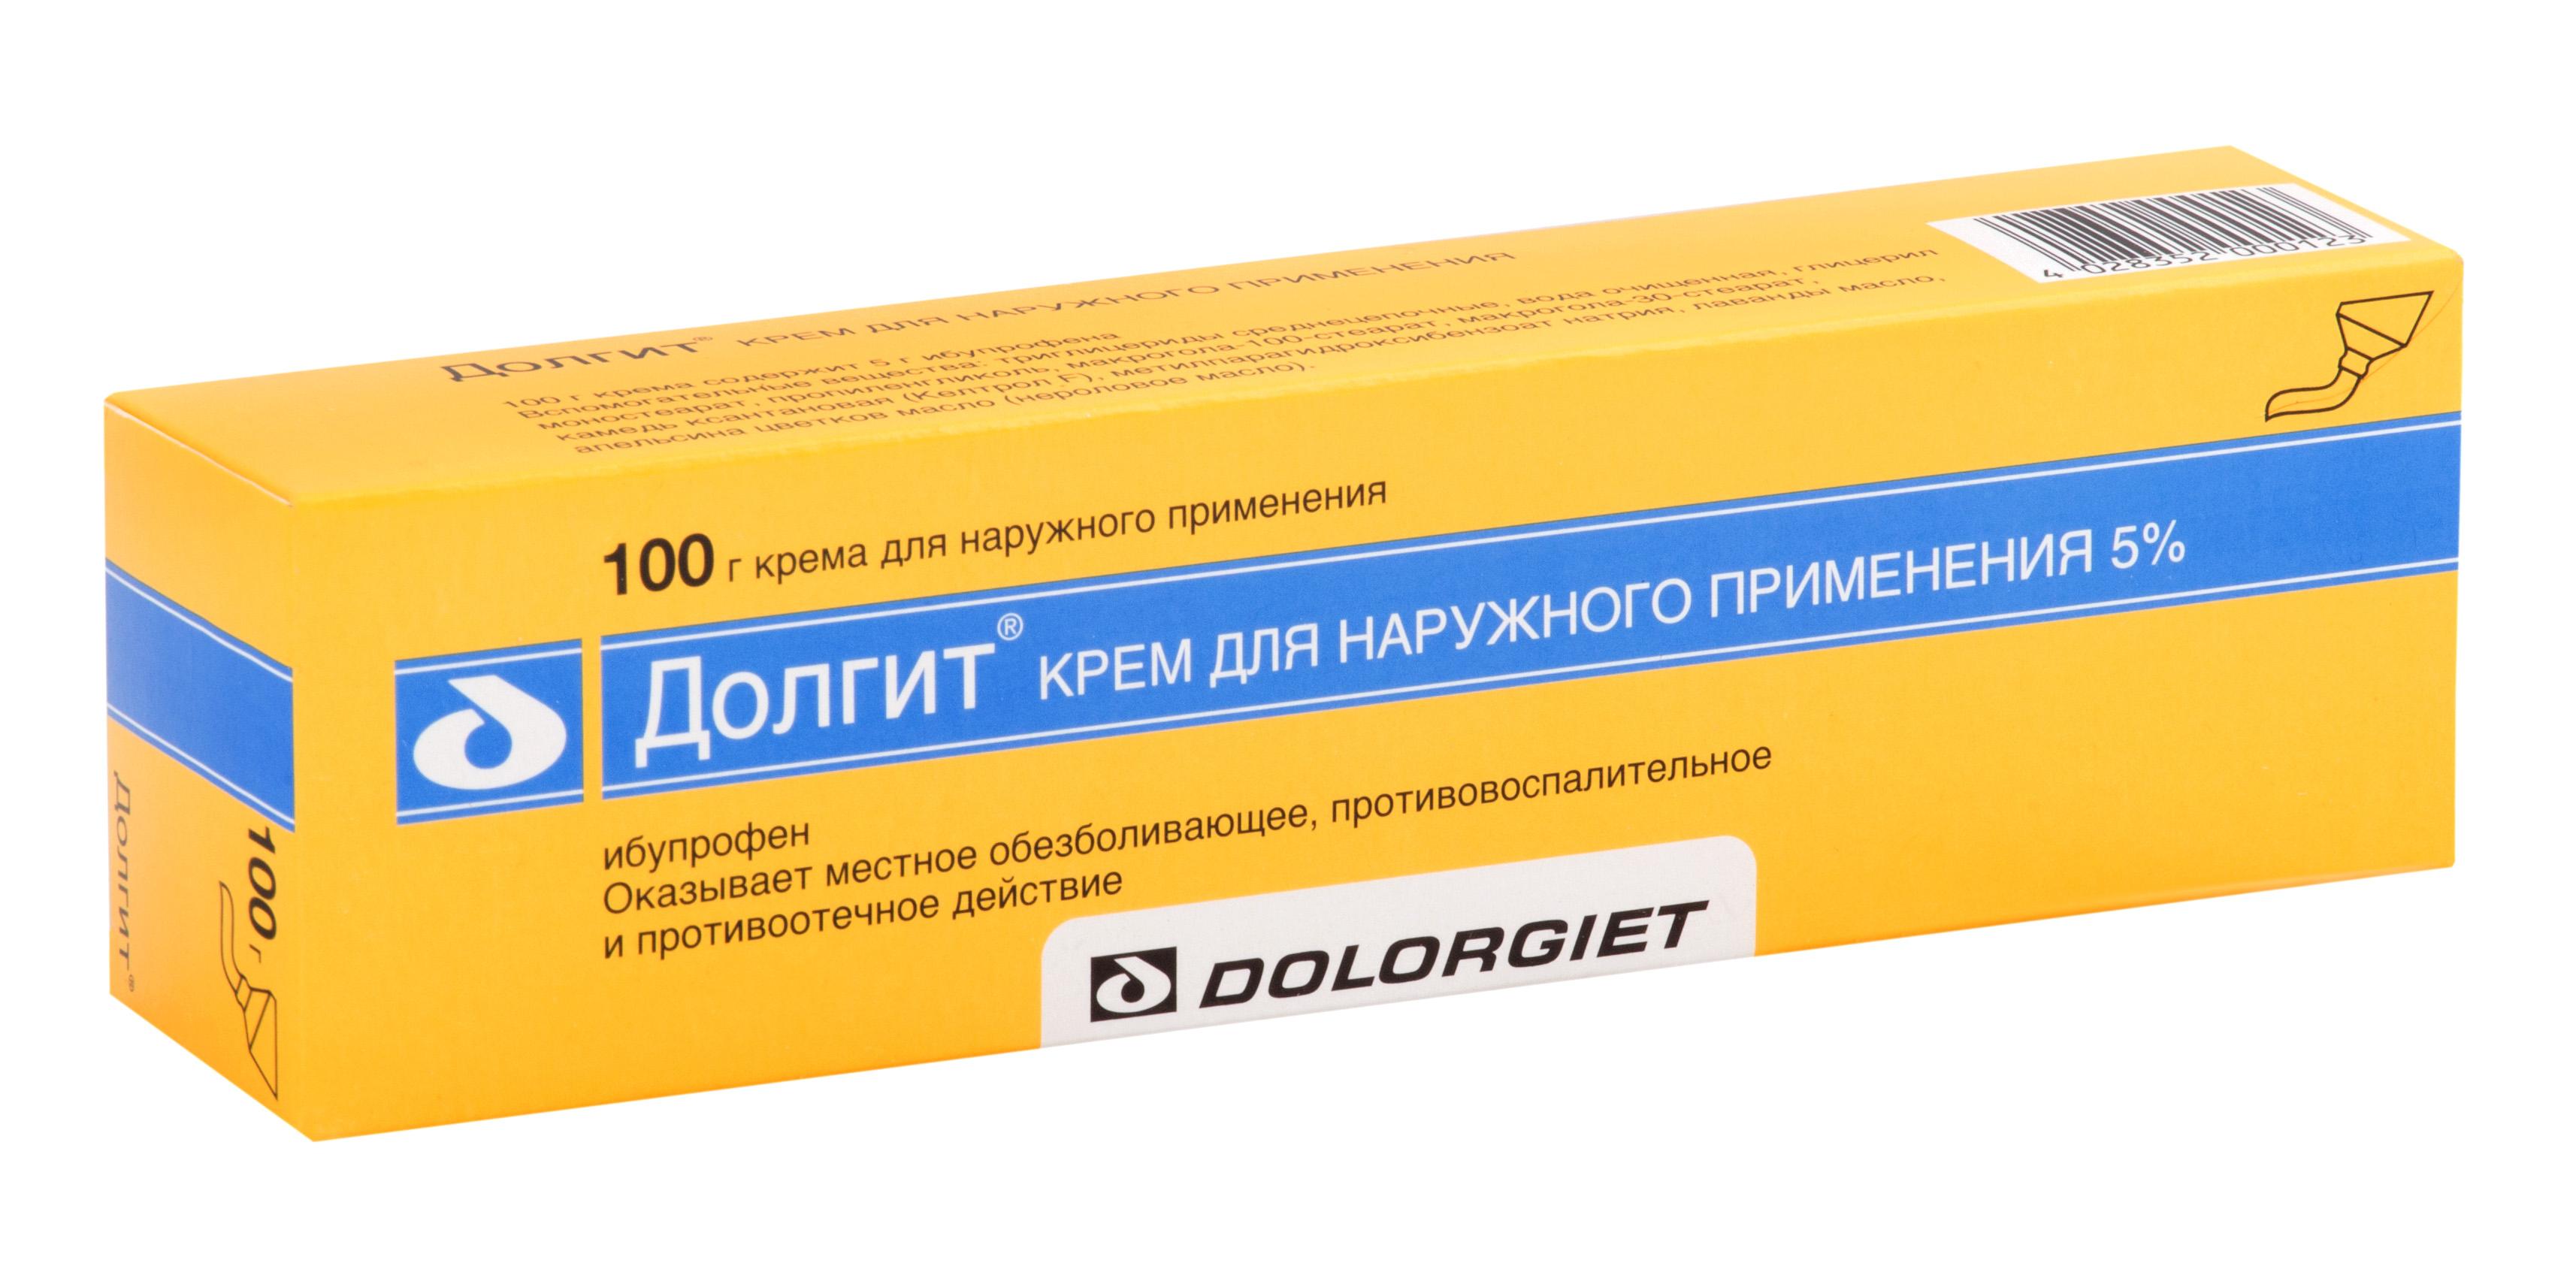 Долгит крем 5% 100г n1